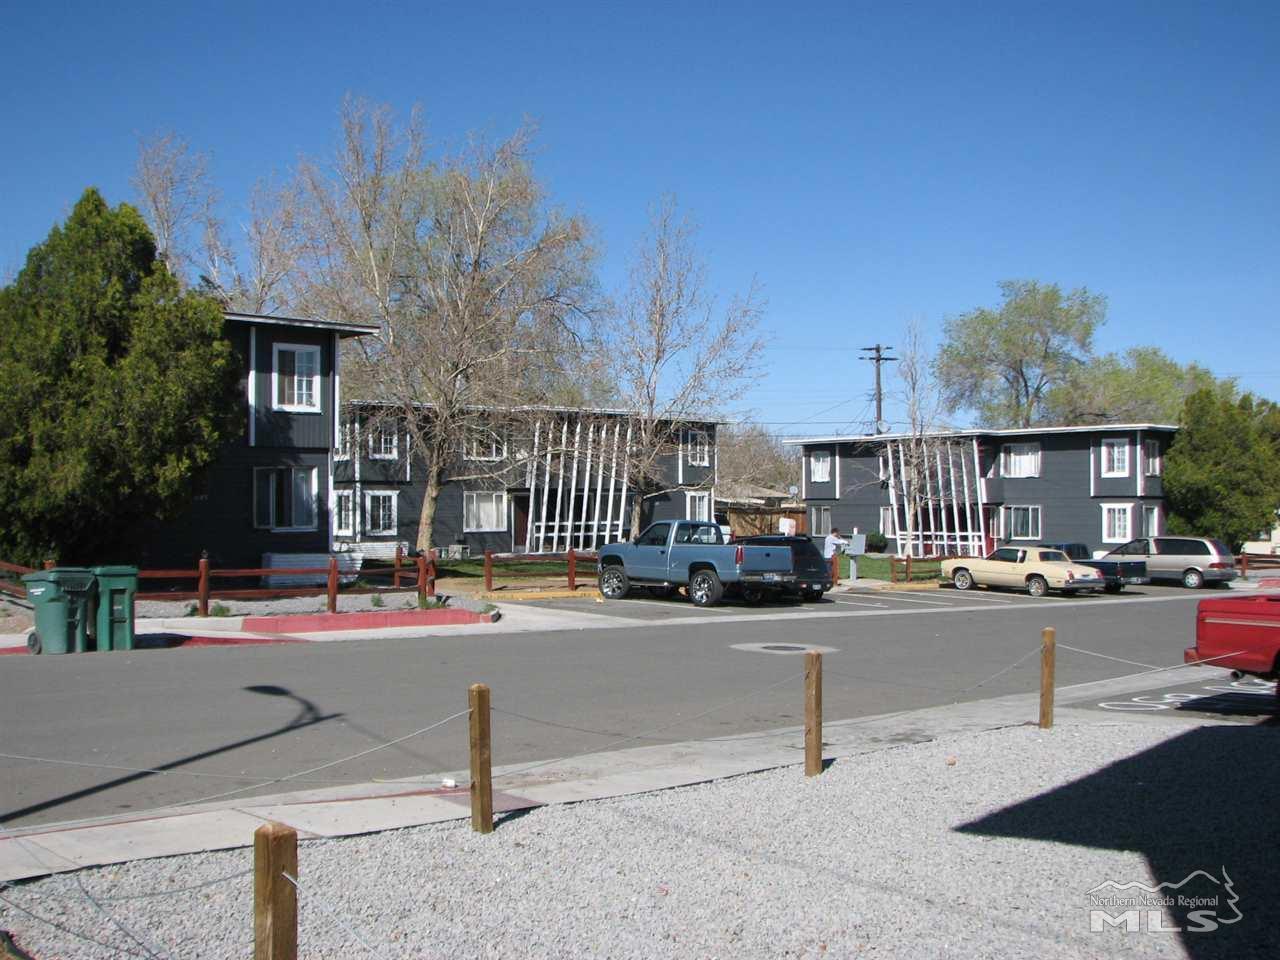 Image for 645 655 665 Denslowe dr, Reno, NV 89512-4445